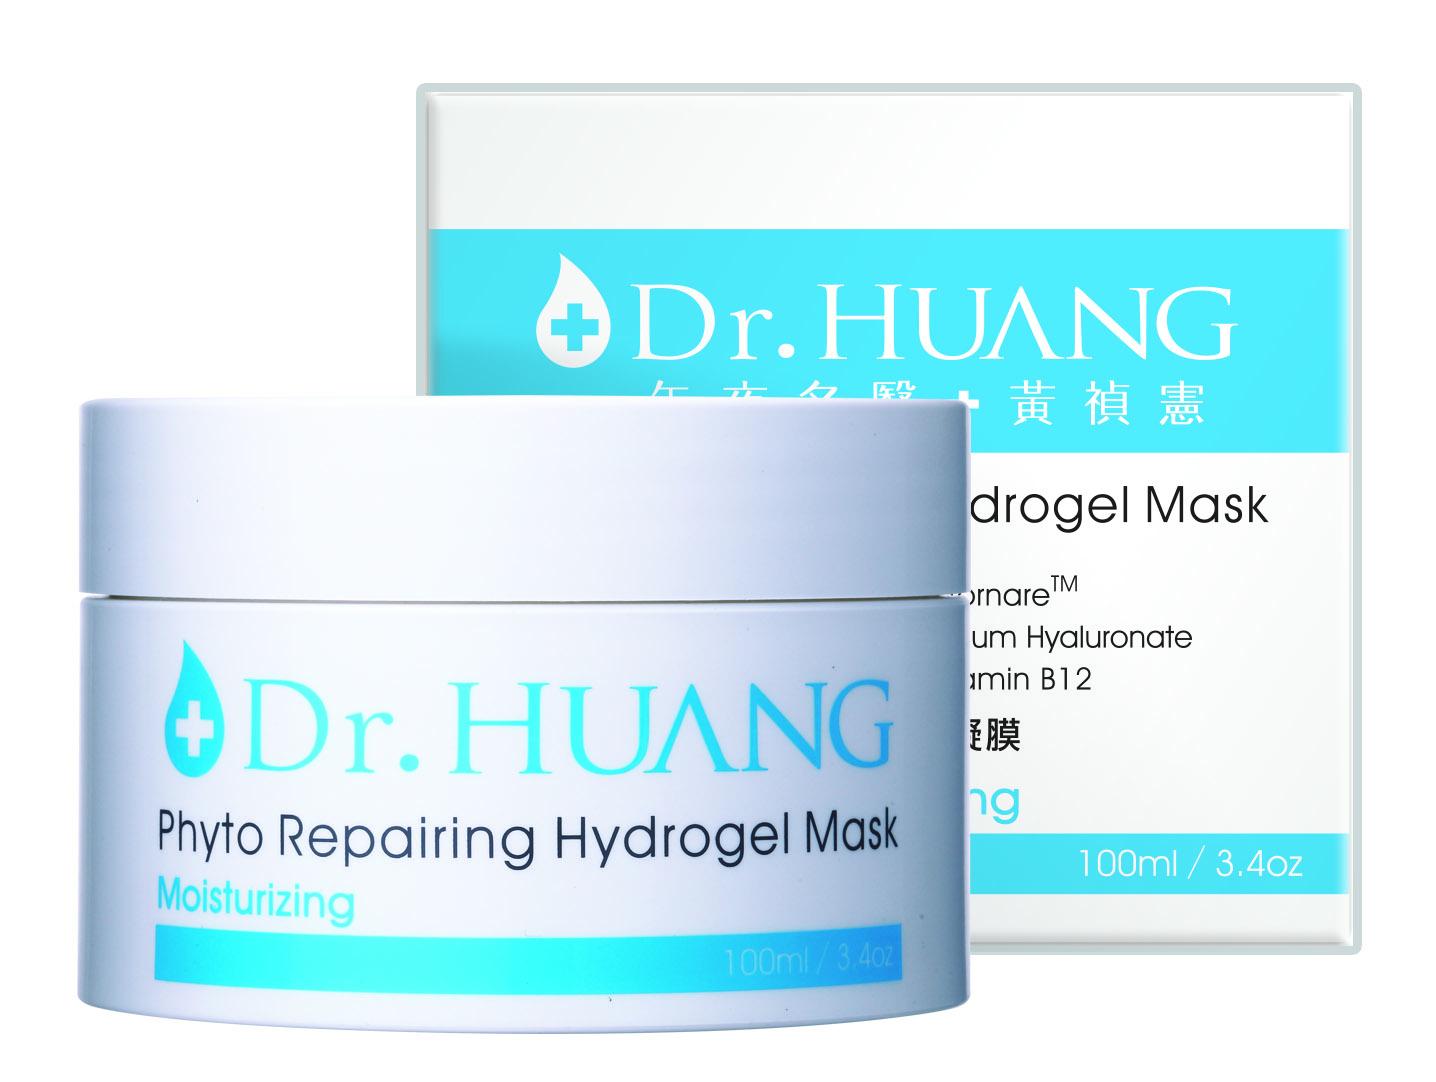 Dr.HUANG 保養面膜-菁萃修護水凝膜 Phyto Repairing Hydrogel Mask